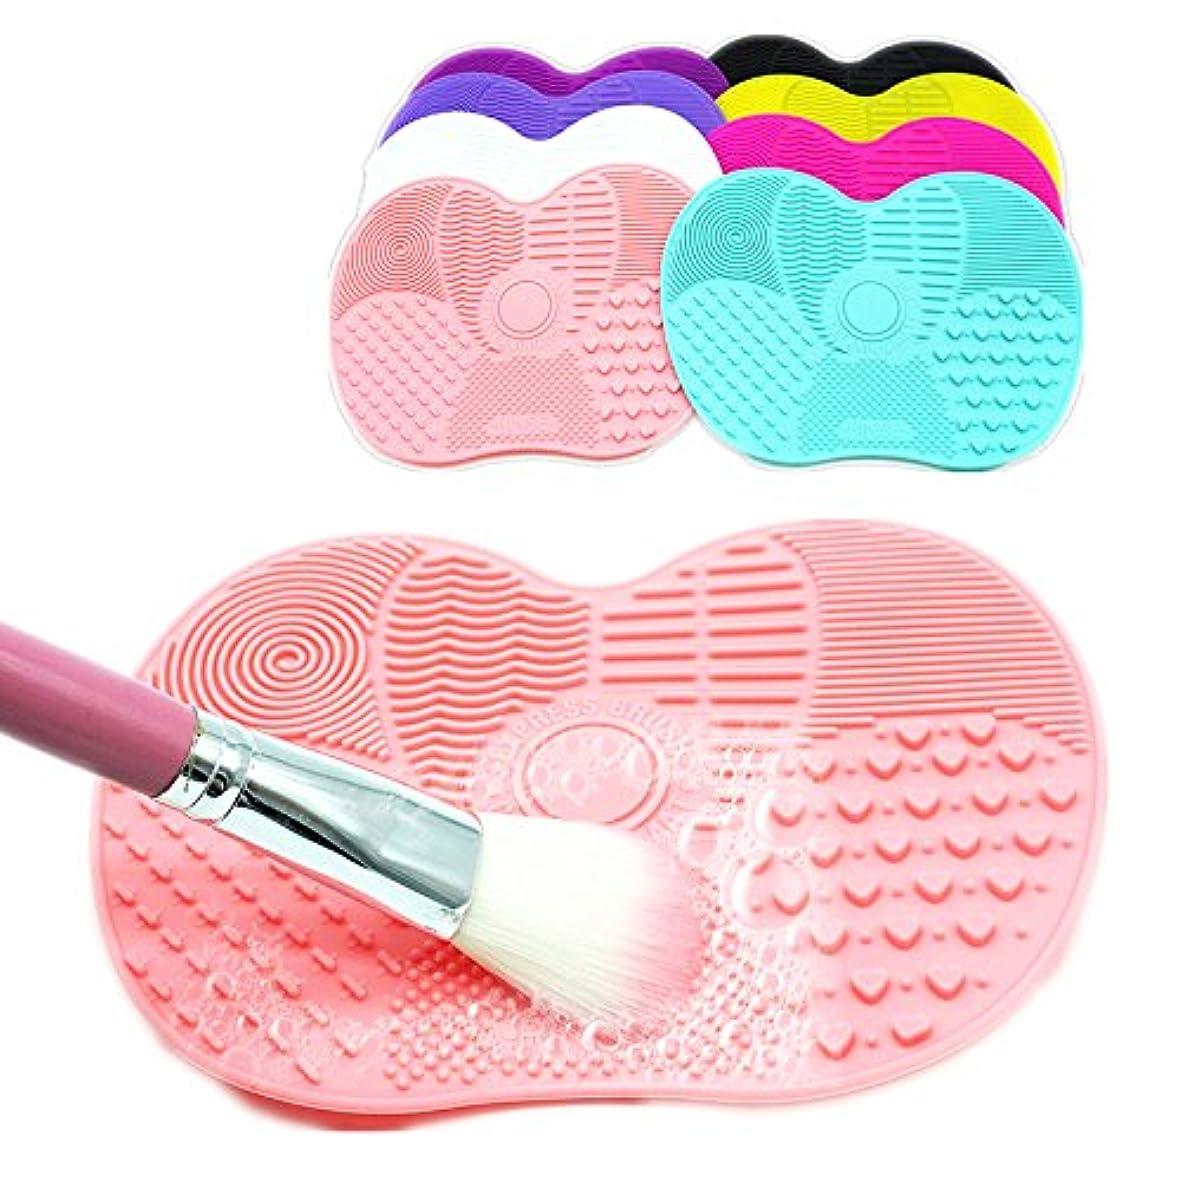 看板スポーツをするリッチ(Black) Silicone Brush Cleaner Mat Washing Tools for Cosmetic Make up Eyebrow Brushes Cleaning Pad Scrubber Board...